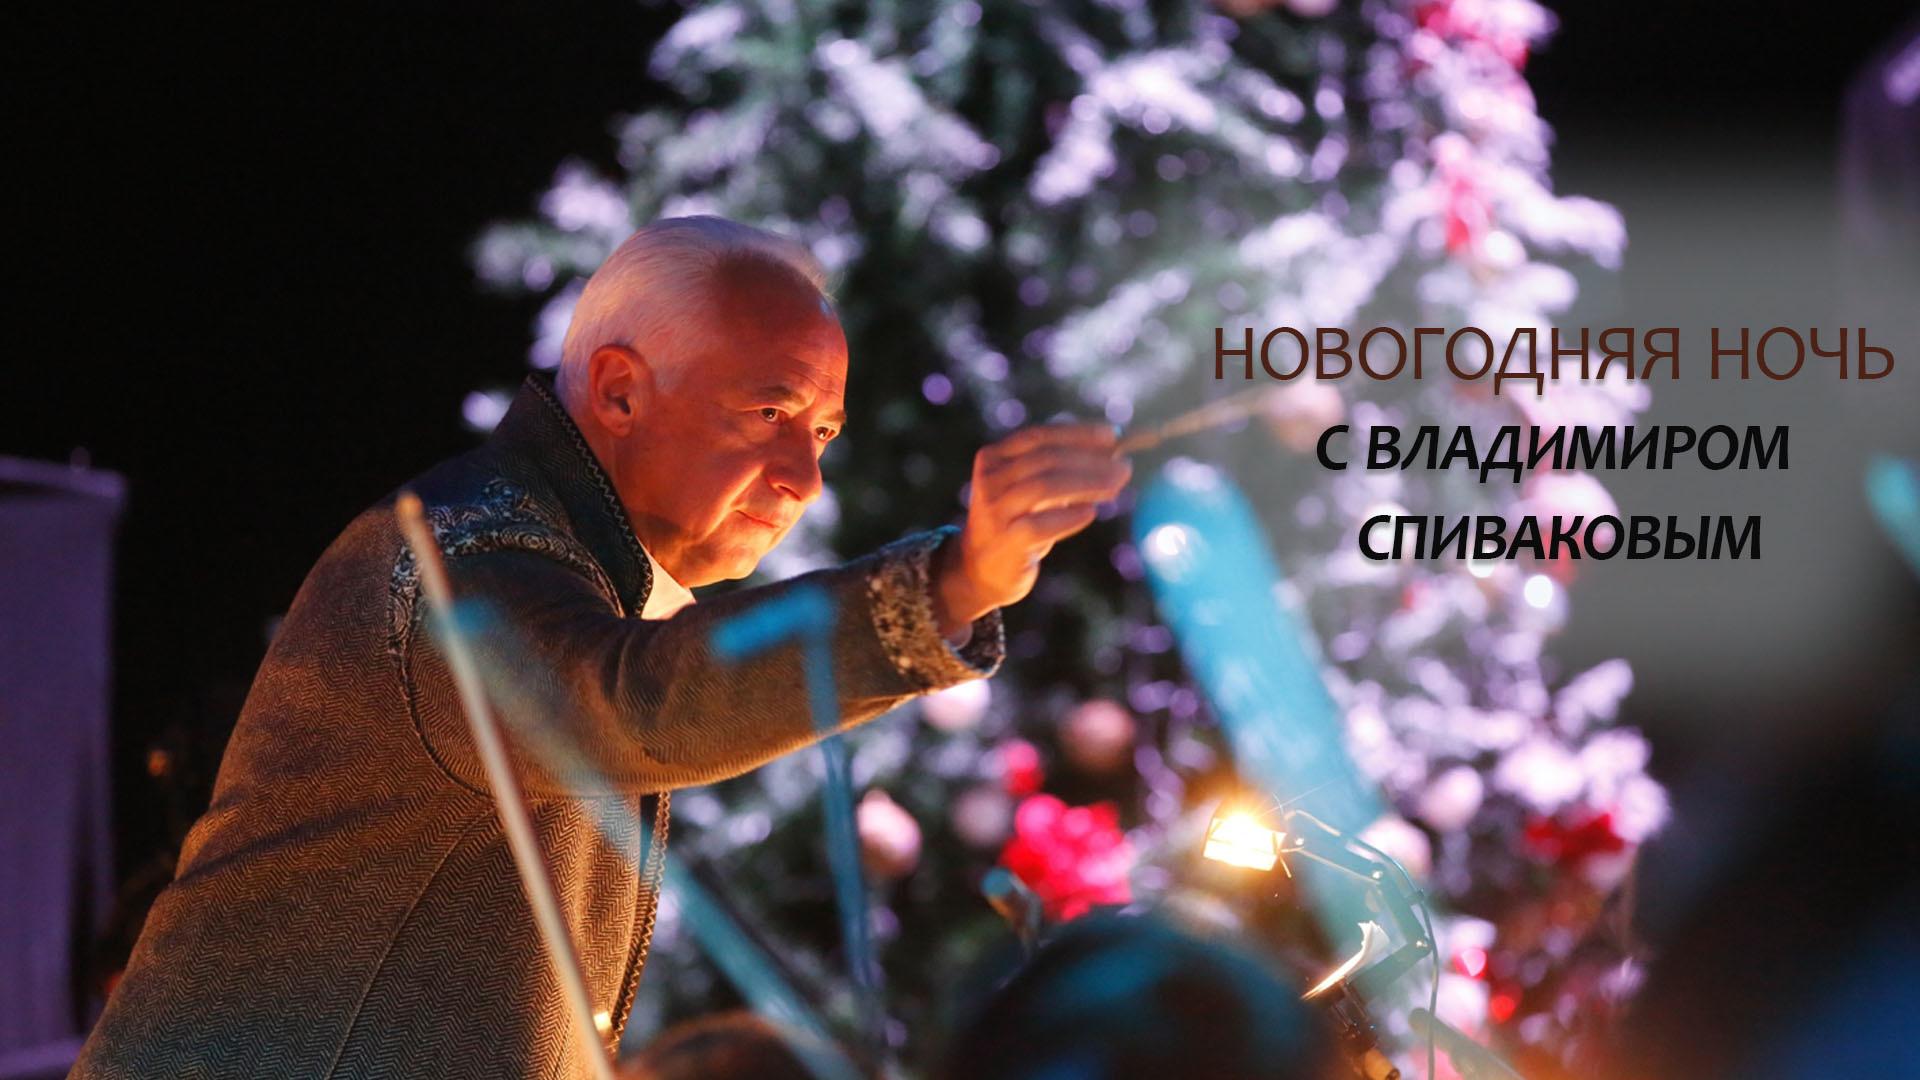 Новогодняя ночь с Владимиром Спиваковым